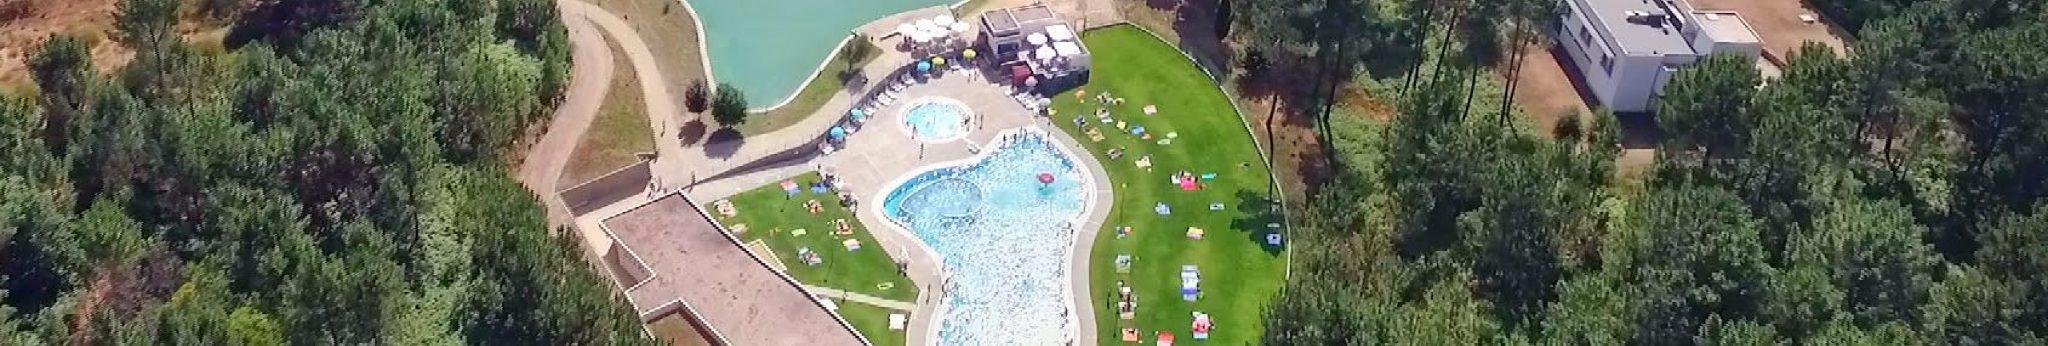 02-melgac3a7o-a-pousada-da-juventude-c3a0-direita-entre-as-piscinas-do-centro-de-estc3a1gios-o-hotel-monte-de-prado-e-o-rio-minho-01